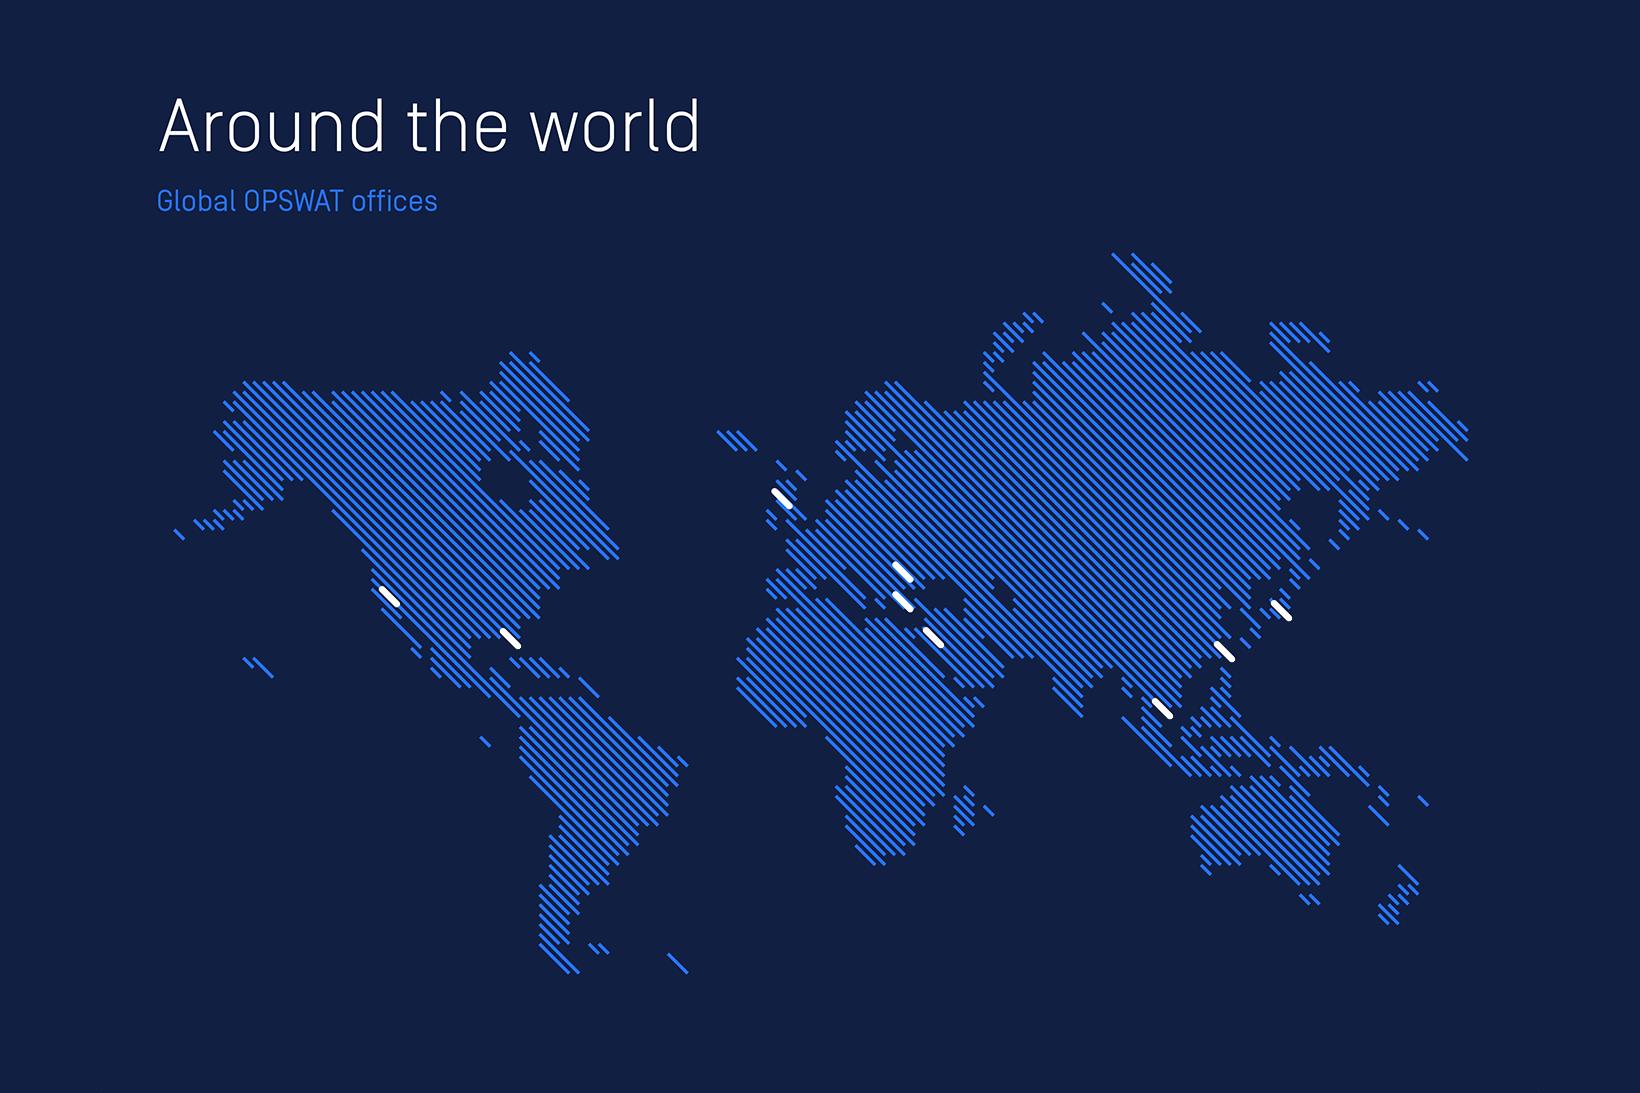 OPSWAT map